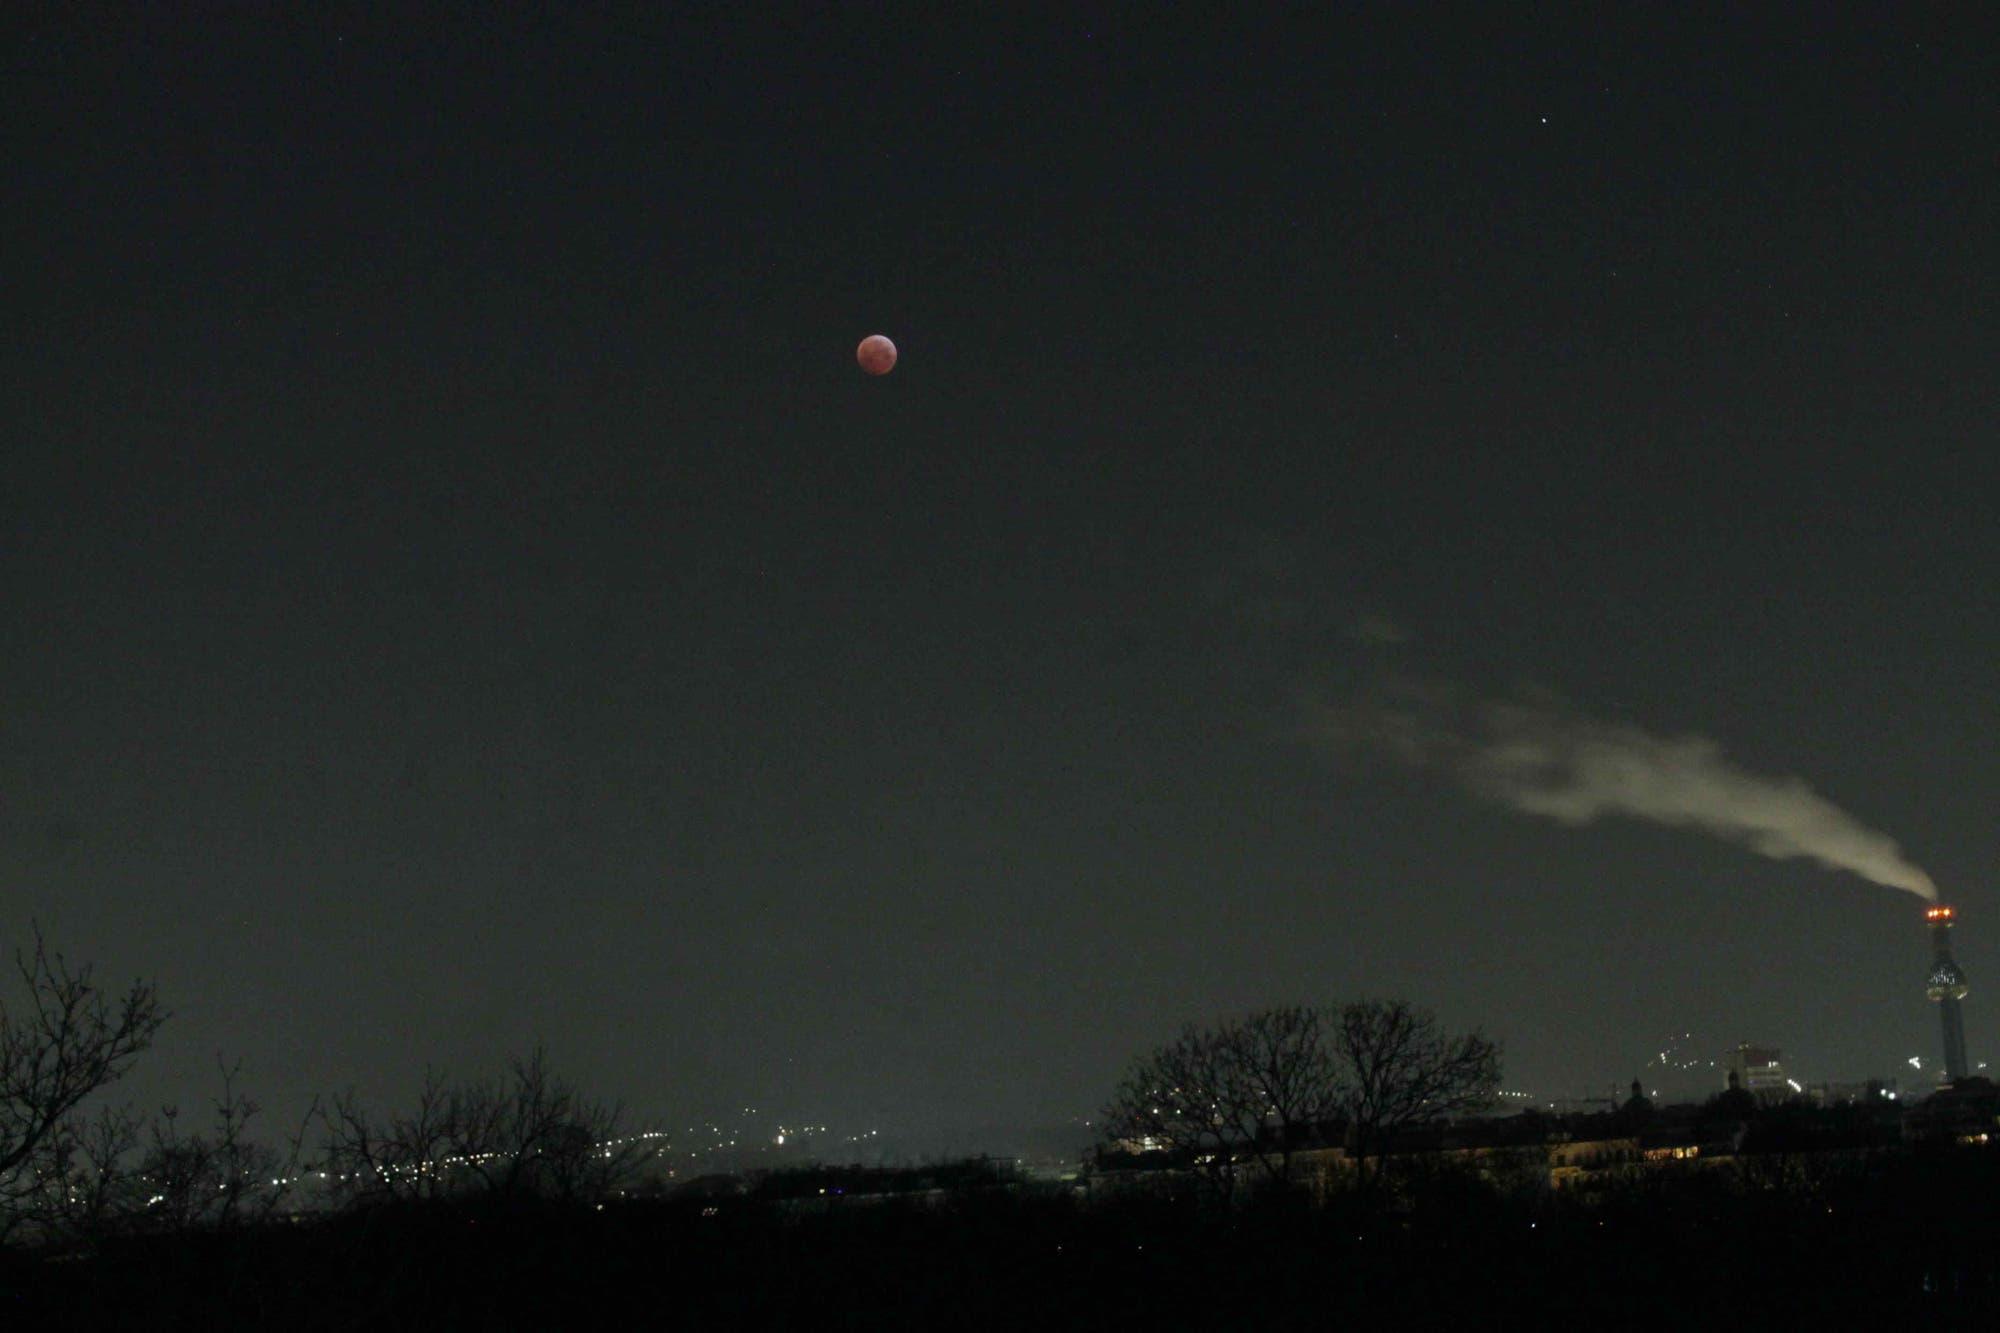 Mondfinsternis über dem Hundertwasser-Fernheizwerk in Wien